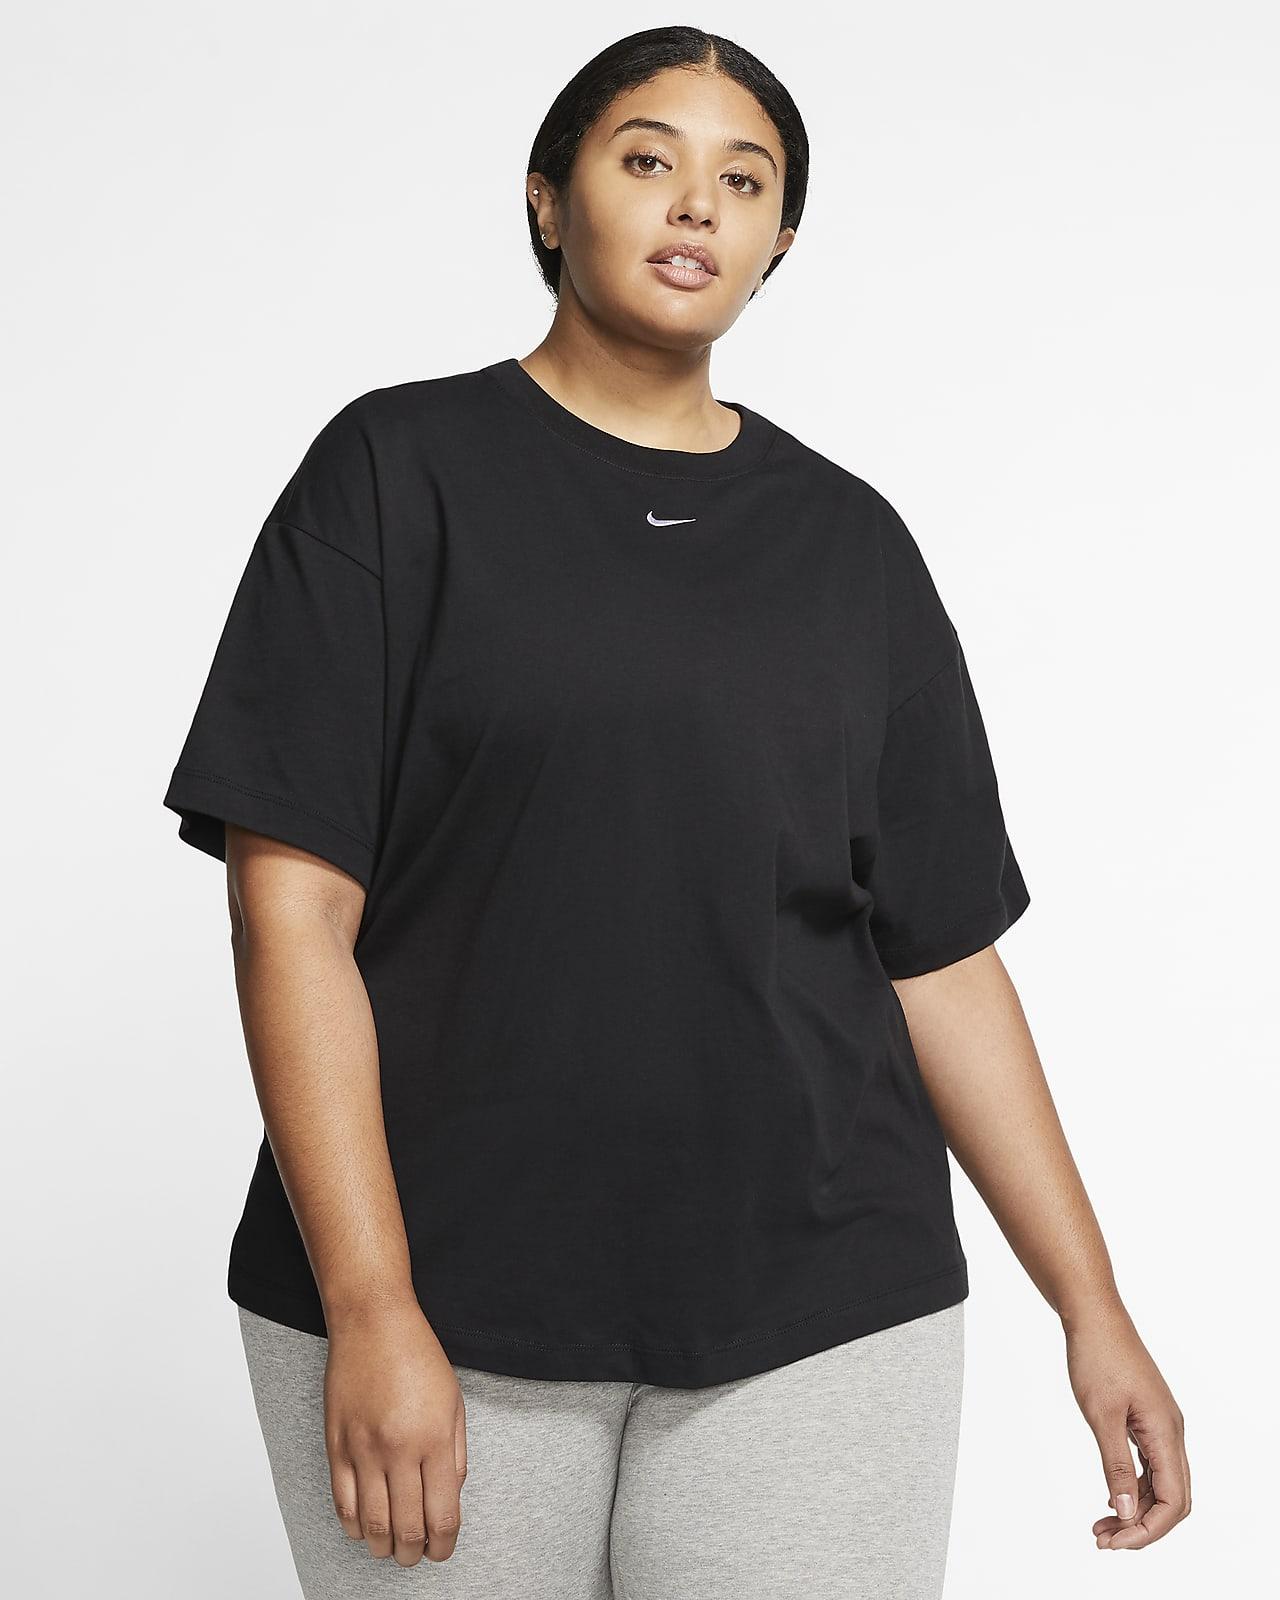 Nike Sportswear Essential Women's Short-Sleeve Top (Plus Size)